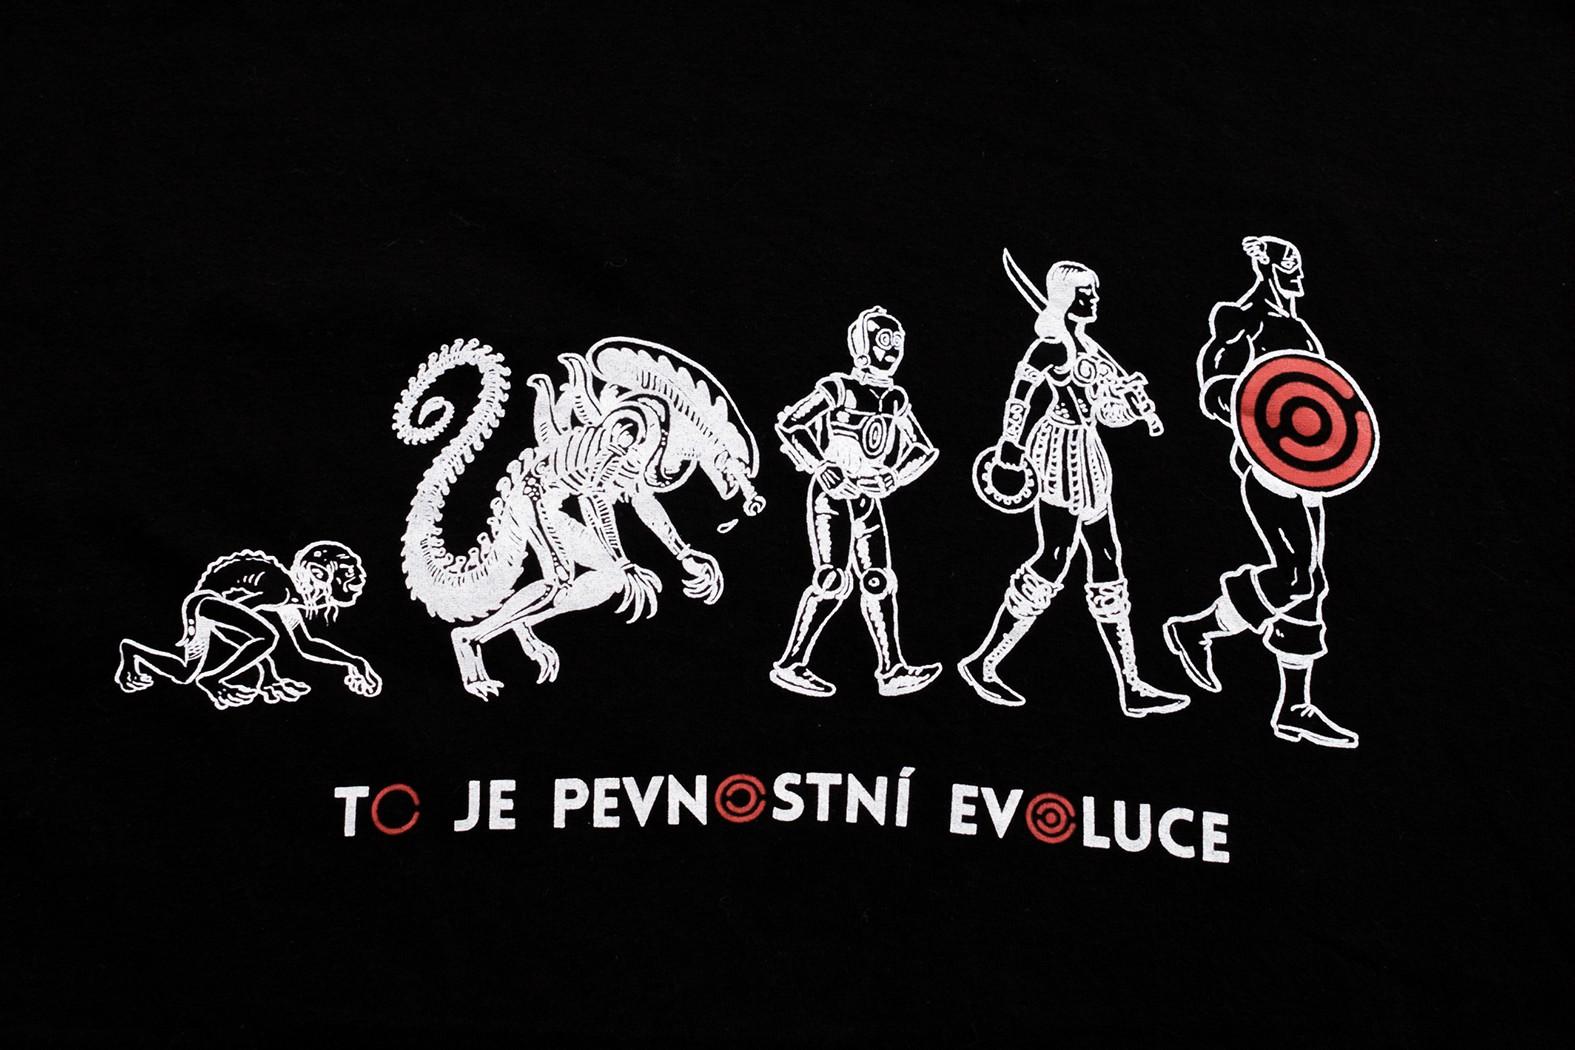 Pánské tričko Evoluce - červené - 4